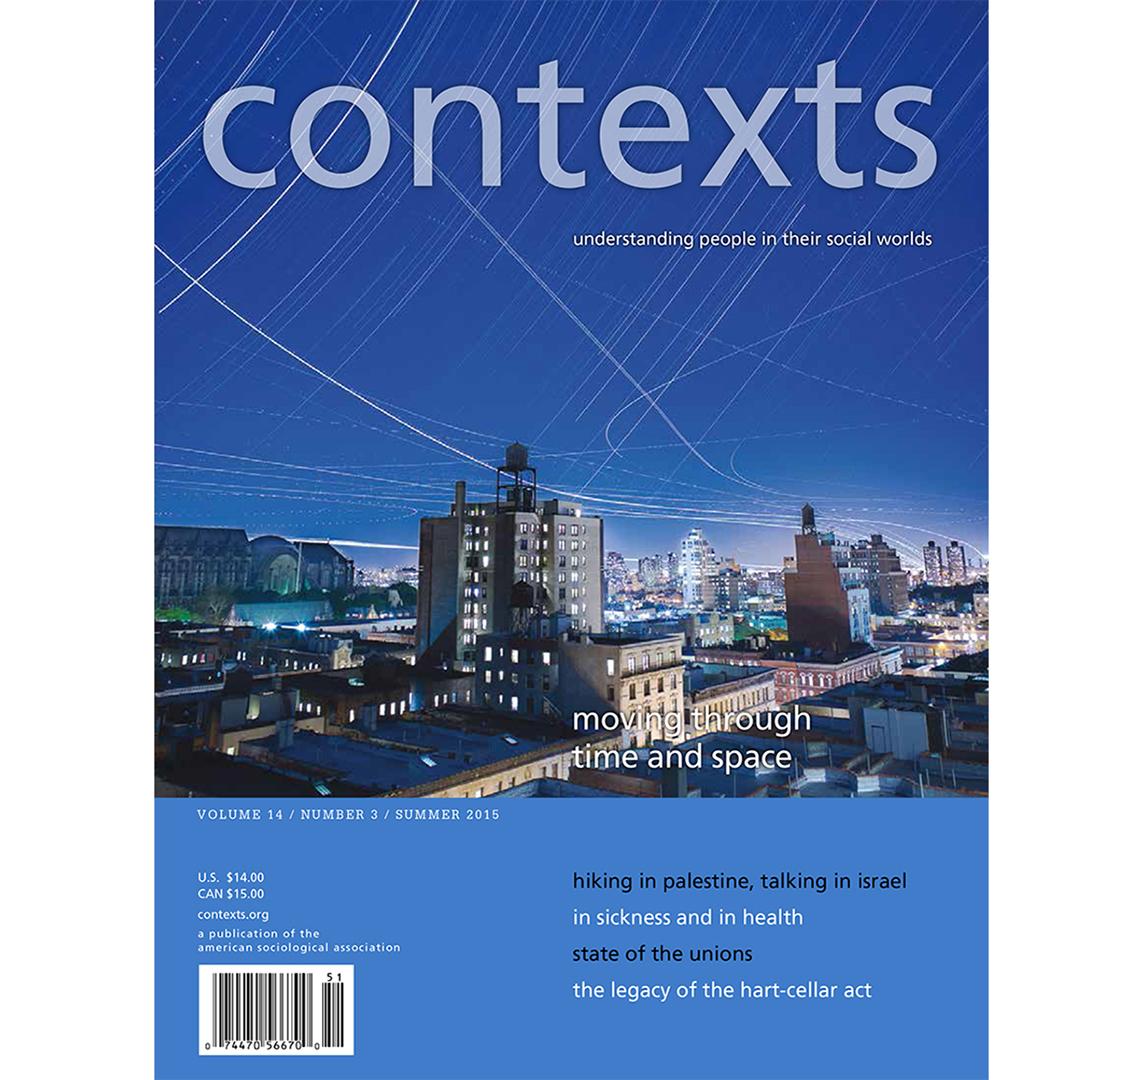 CTX2015v14n3_coverDesign_071315a